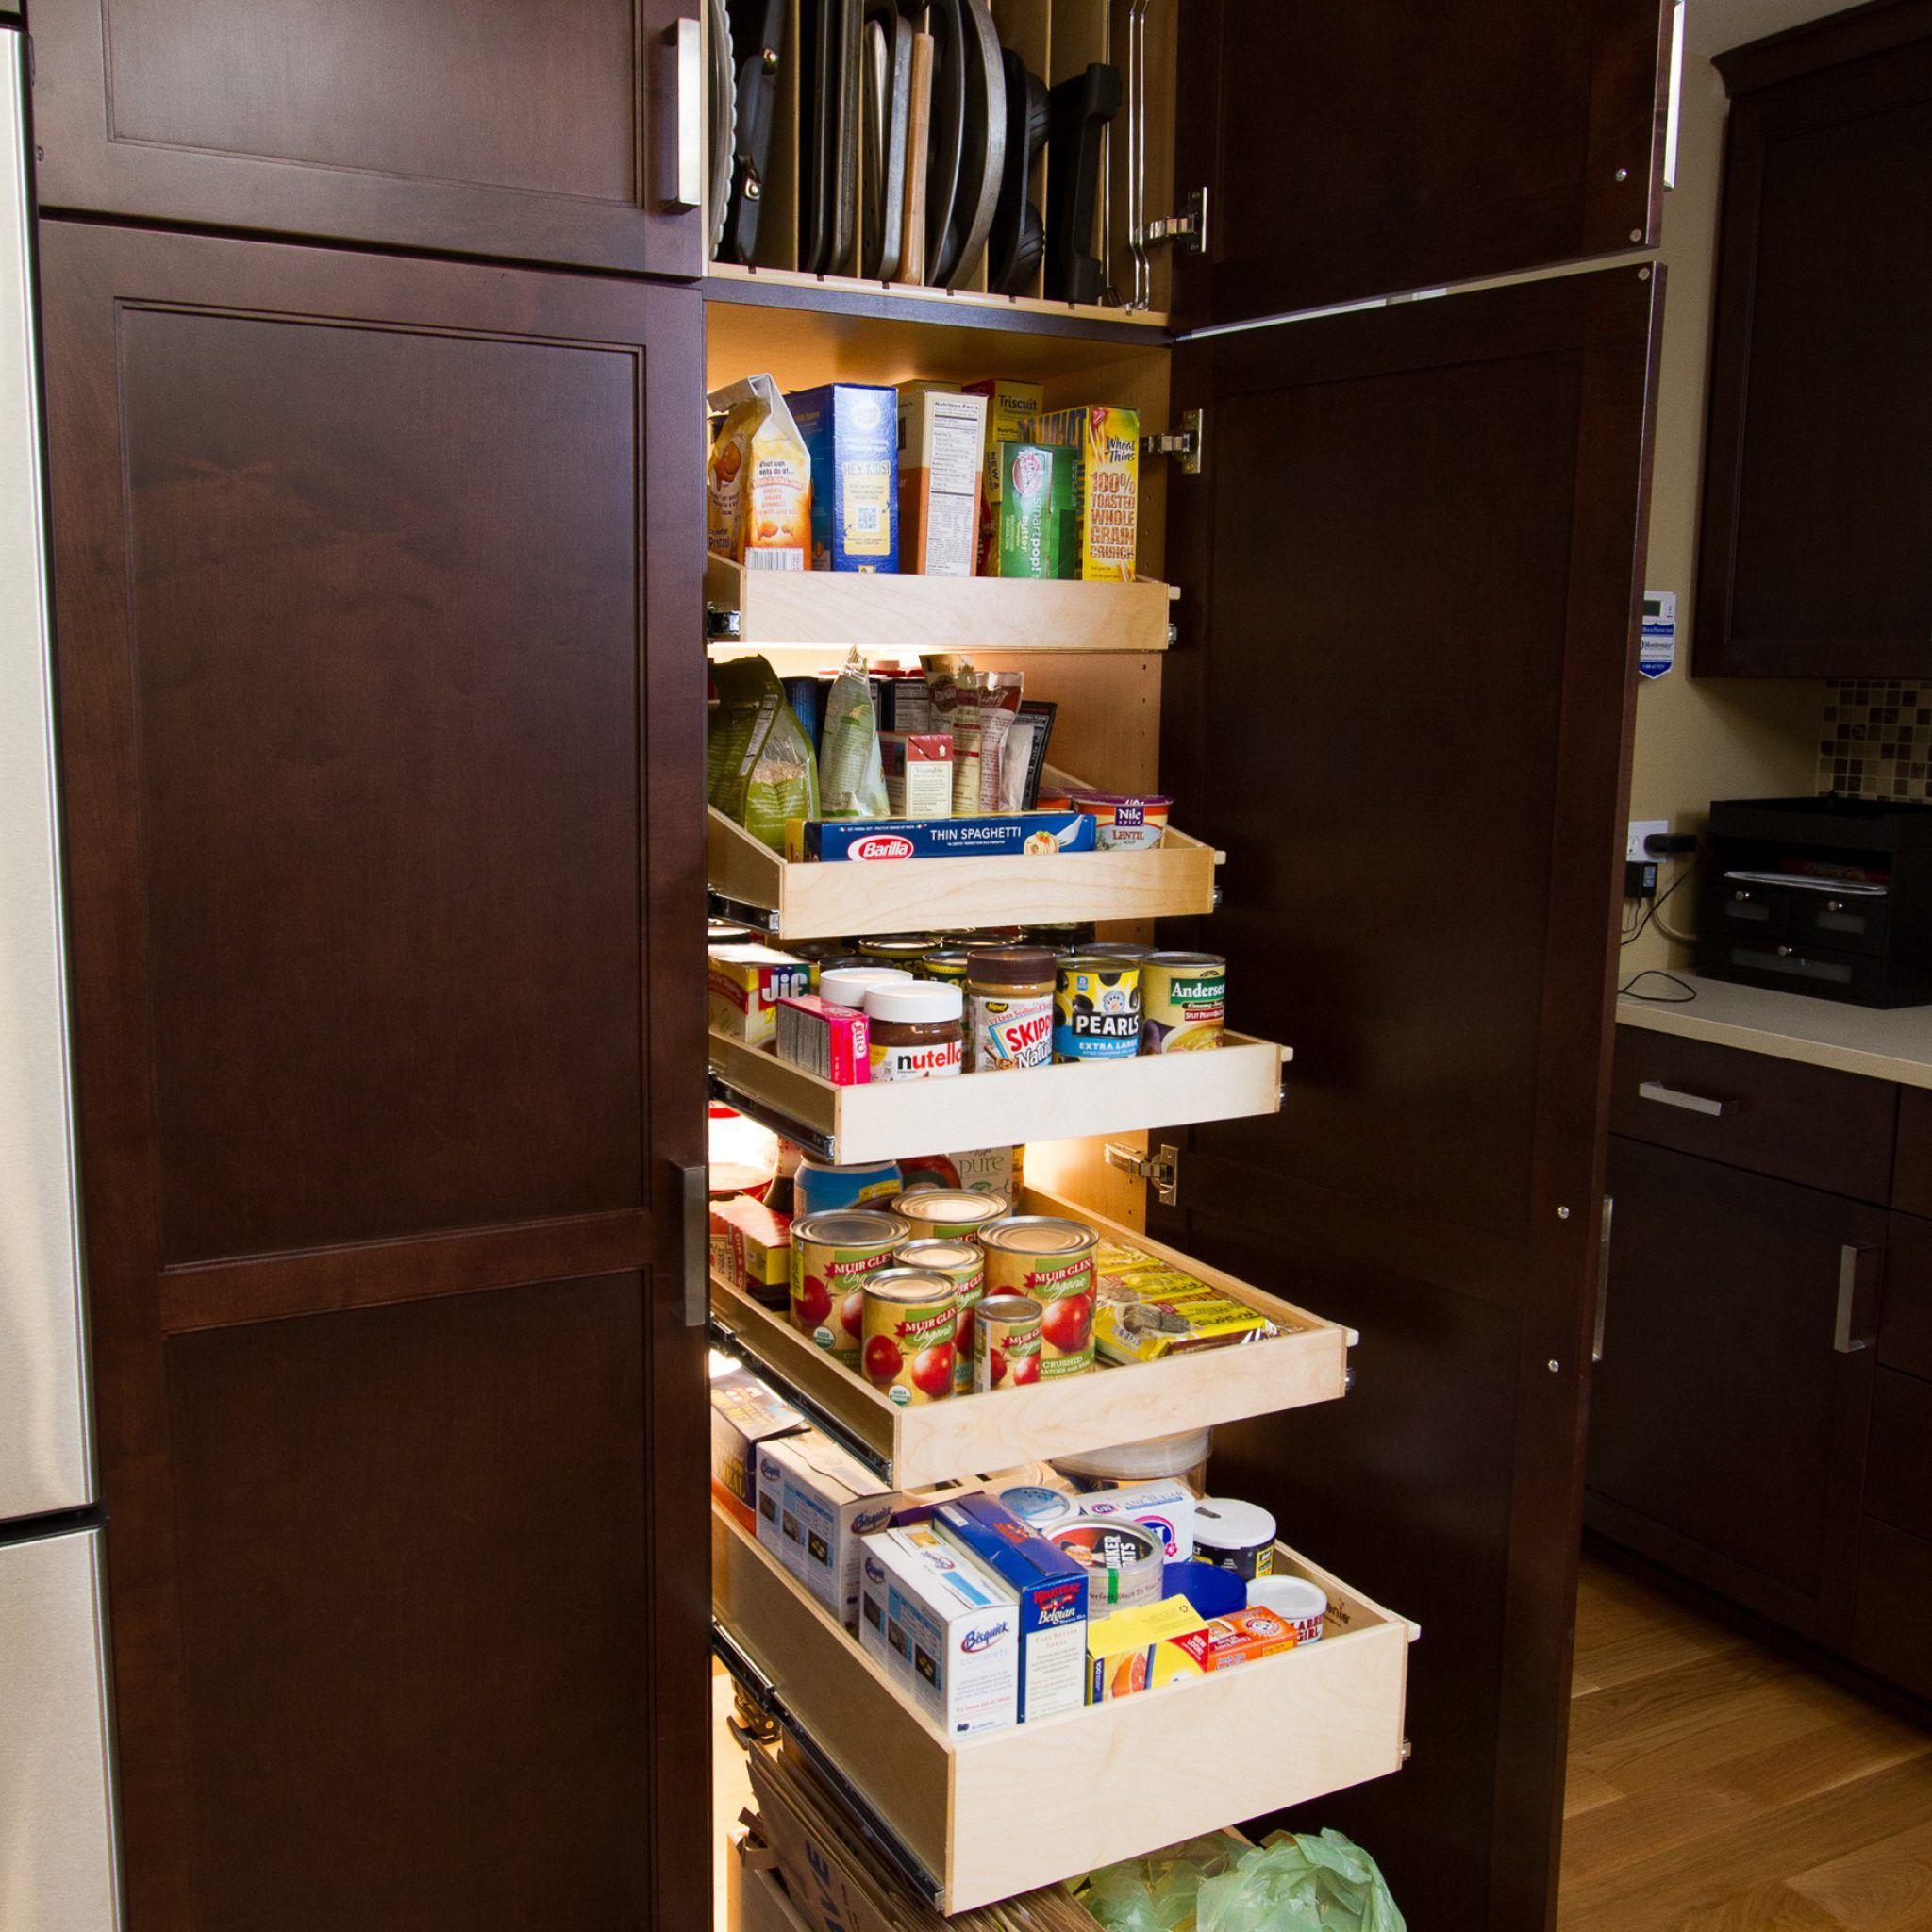 Full Size of Ikea Vorratsschrank Vorteile Von Kchenschrnken Aufgerumte Speisekammer Betten Bei 160x200 Küche Kaufen Sofa Mit Schlaffunktion Kosten Modulküche Miniküche Wohnzimmer Ikea Vorratsschrank